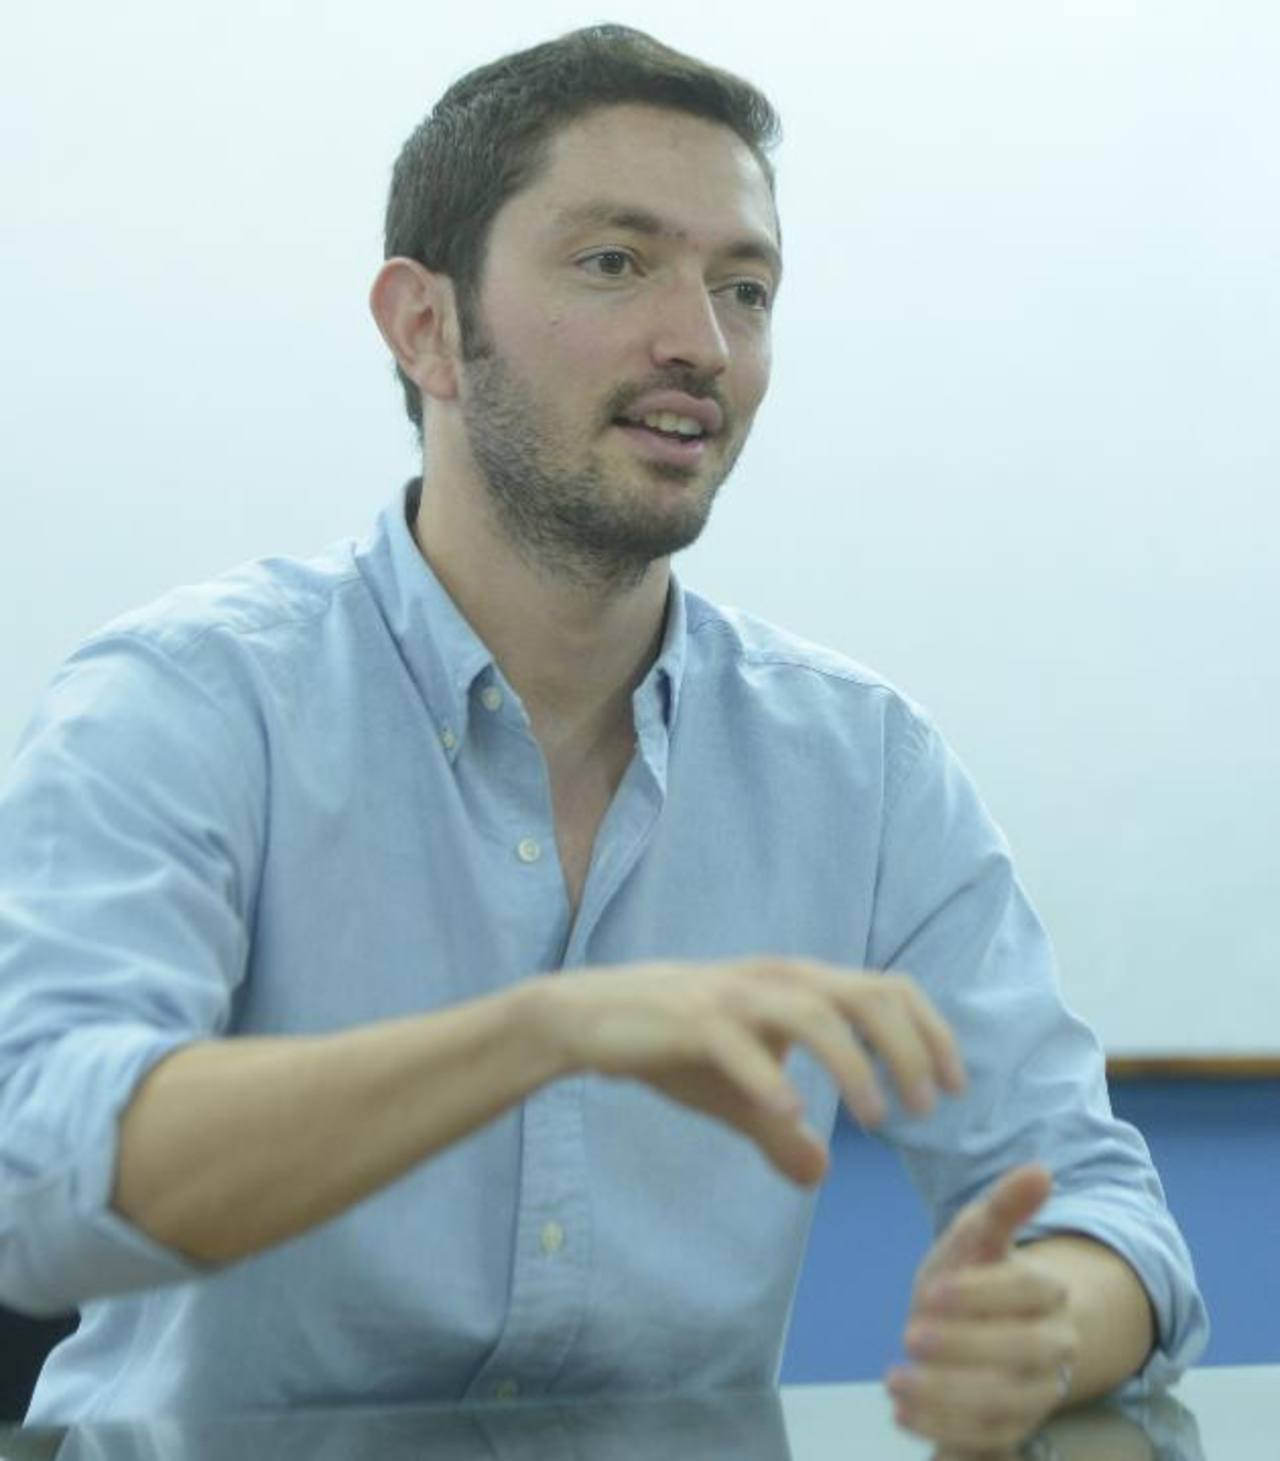 Rodolfo es cofundador de MiCV y de Uassisst.ME. Ambas son empresas que brindan servicios a distancia, principalmente vía Internet.